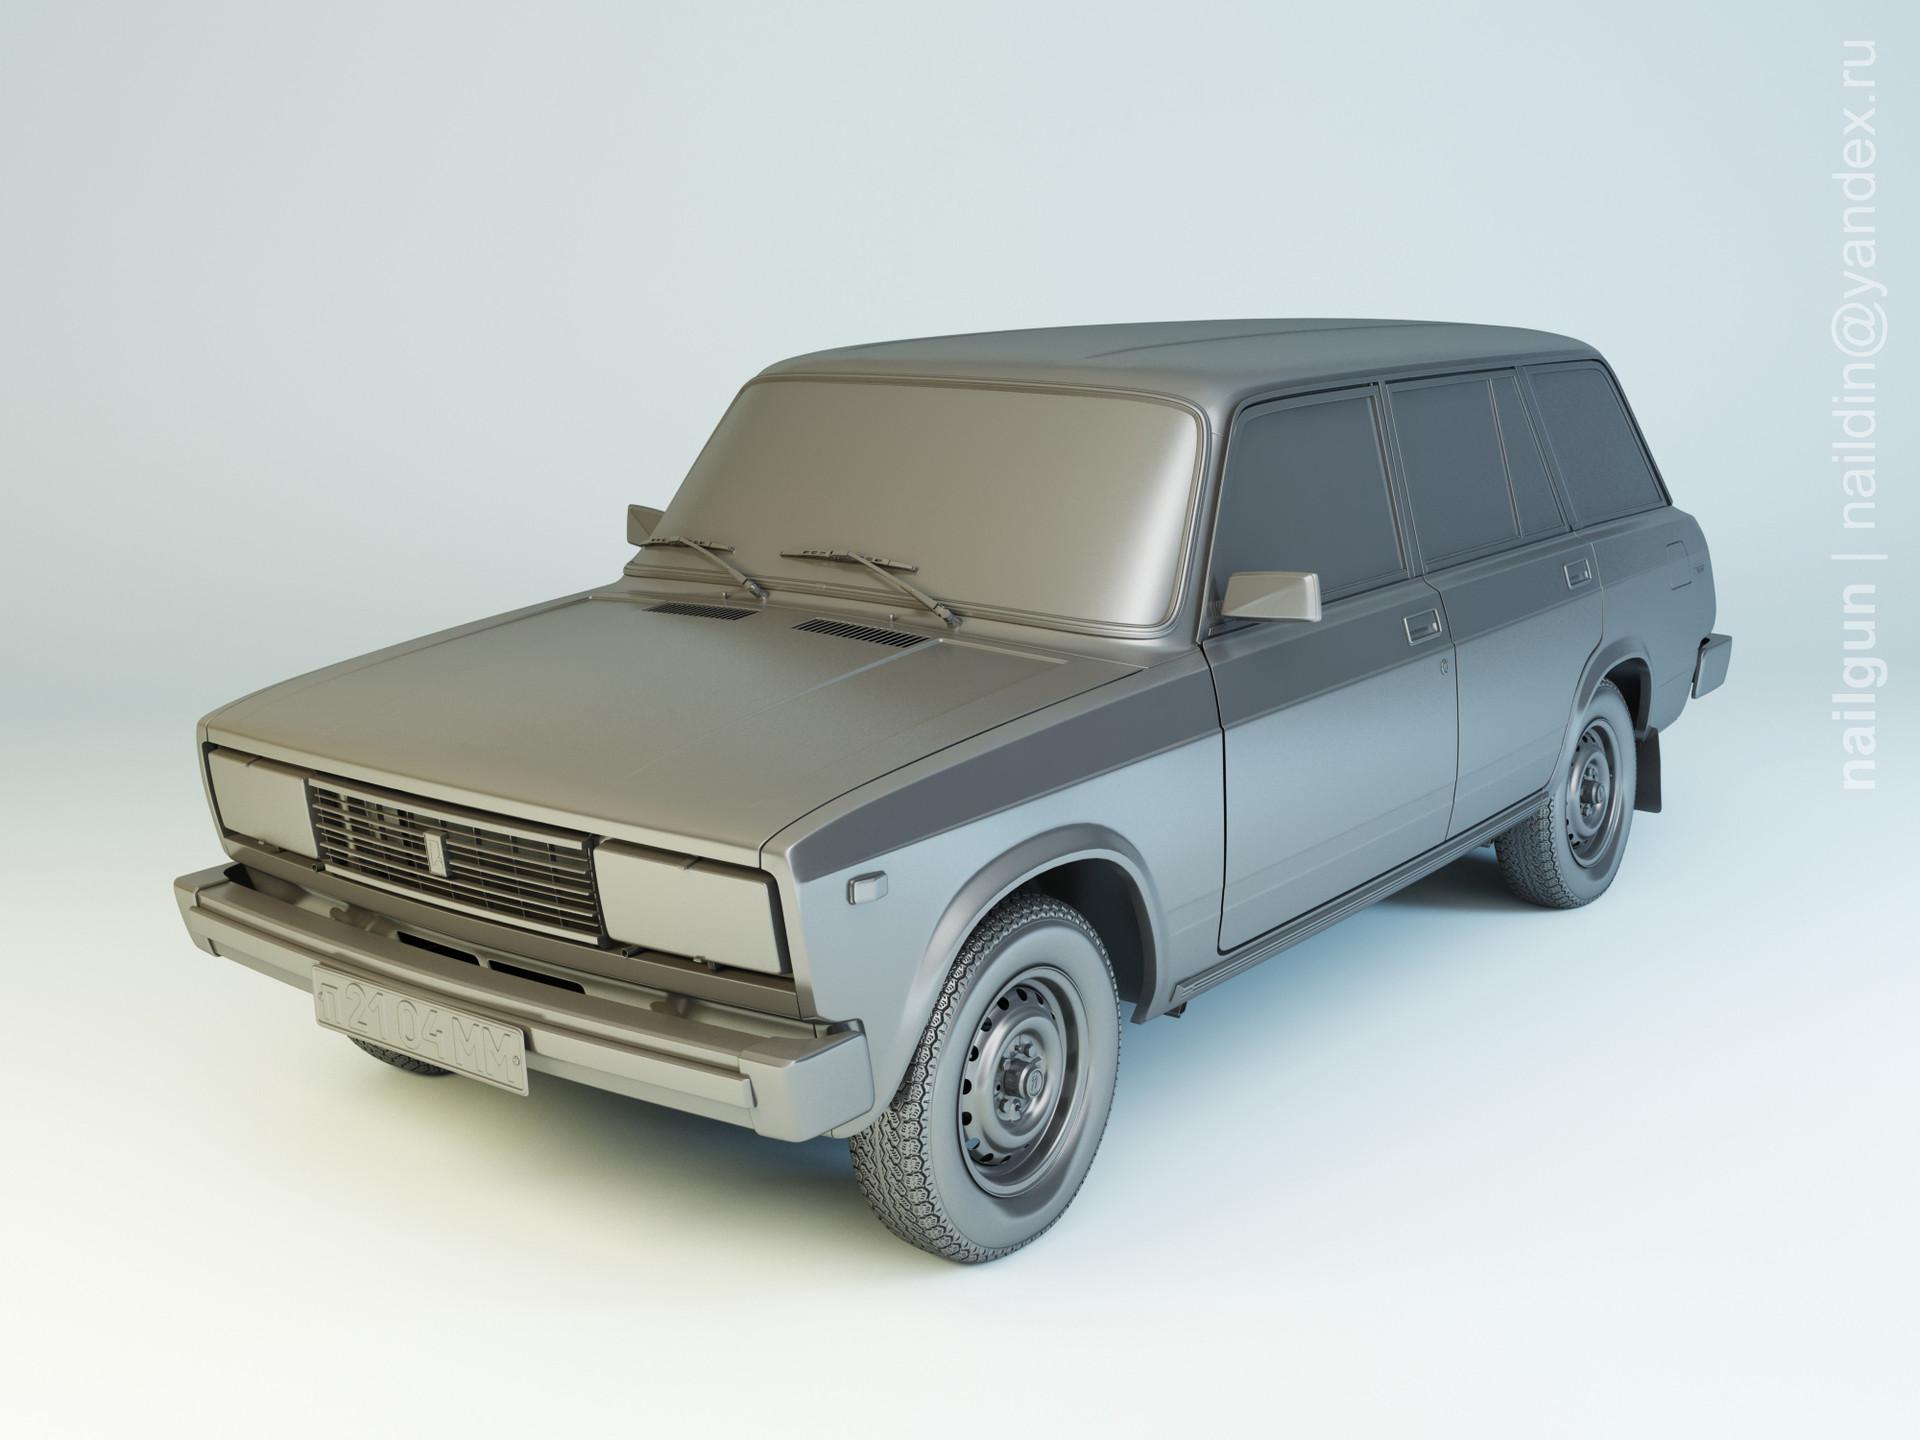 Nail khusnutdinov pwc 056 002 vaz 2104 modelling 0